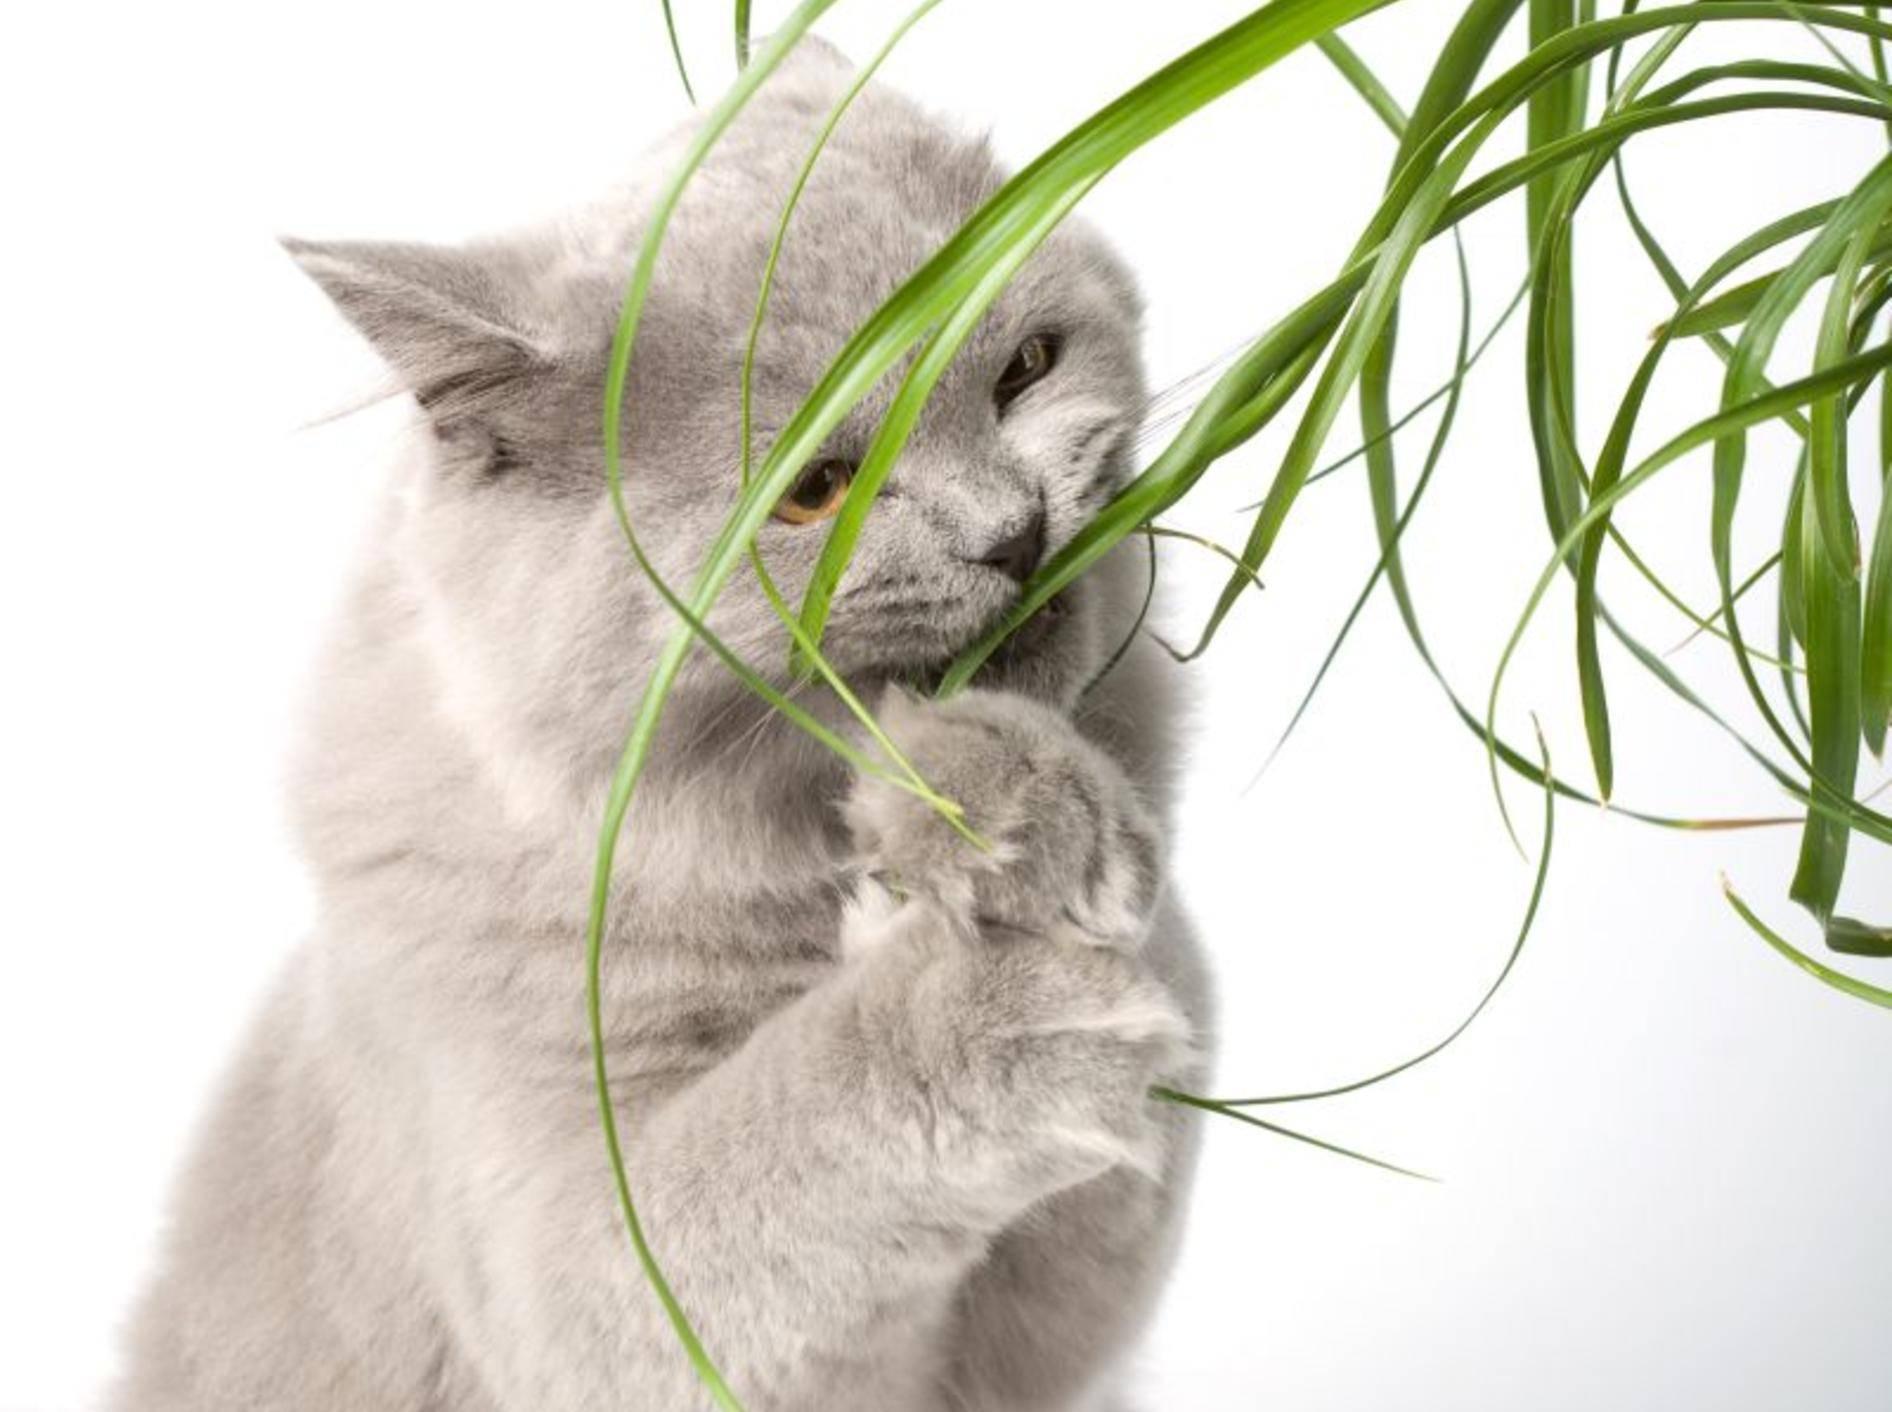 Vorsicht: Viele Pflanzen sind giftig für Katzen – Shutterstock / Olga Miltsova